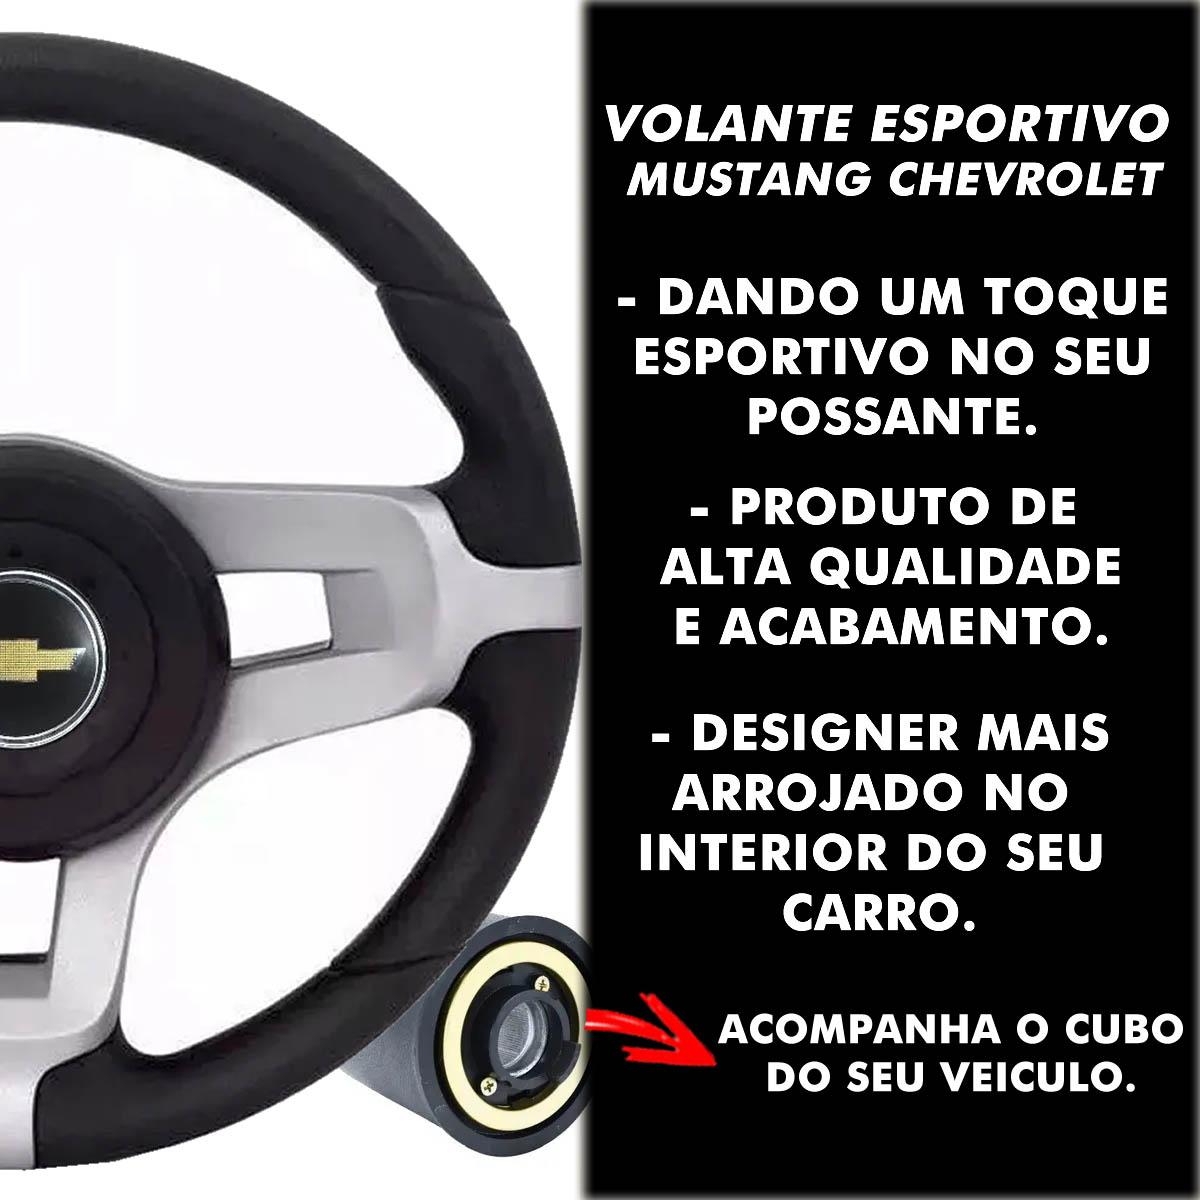 Volante Chevrolet Mustang Esportivo Cubo Corsa Classic Wind Premium Joy Max 1994 a 2013 Celta Poliparts